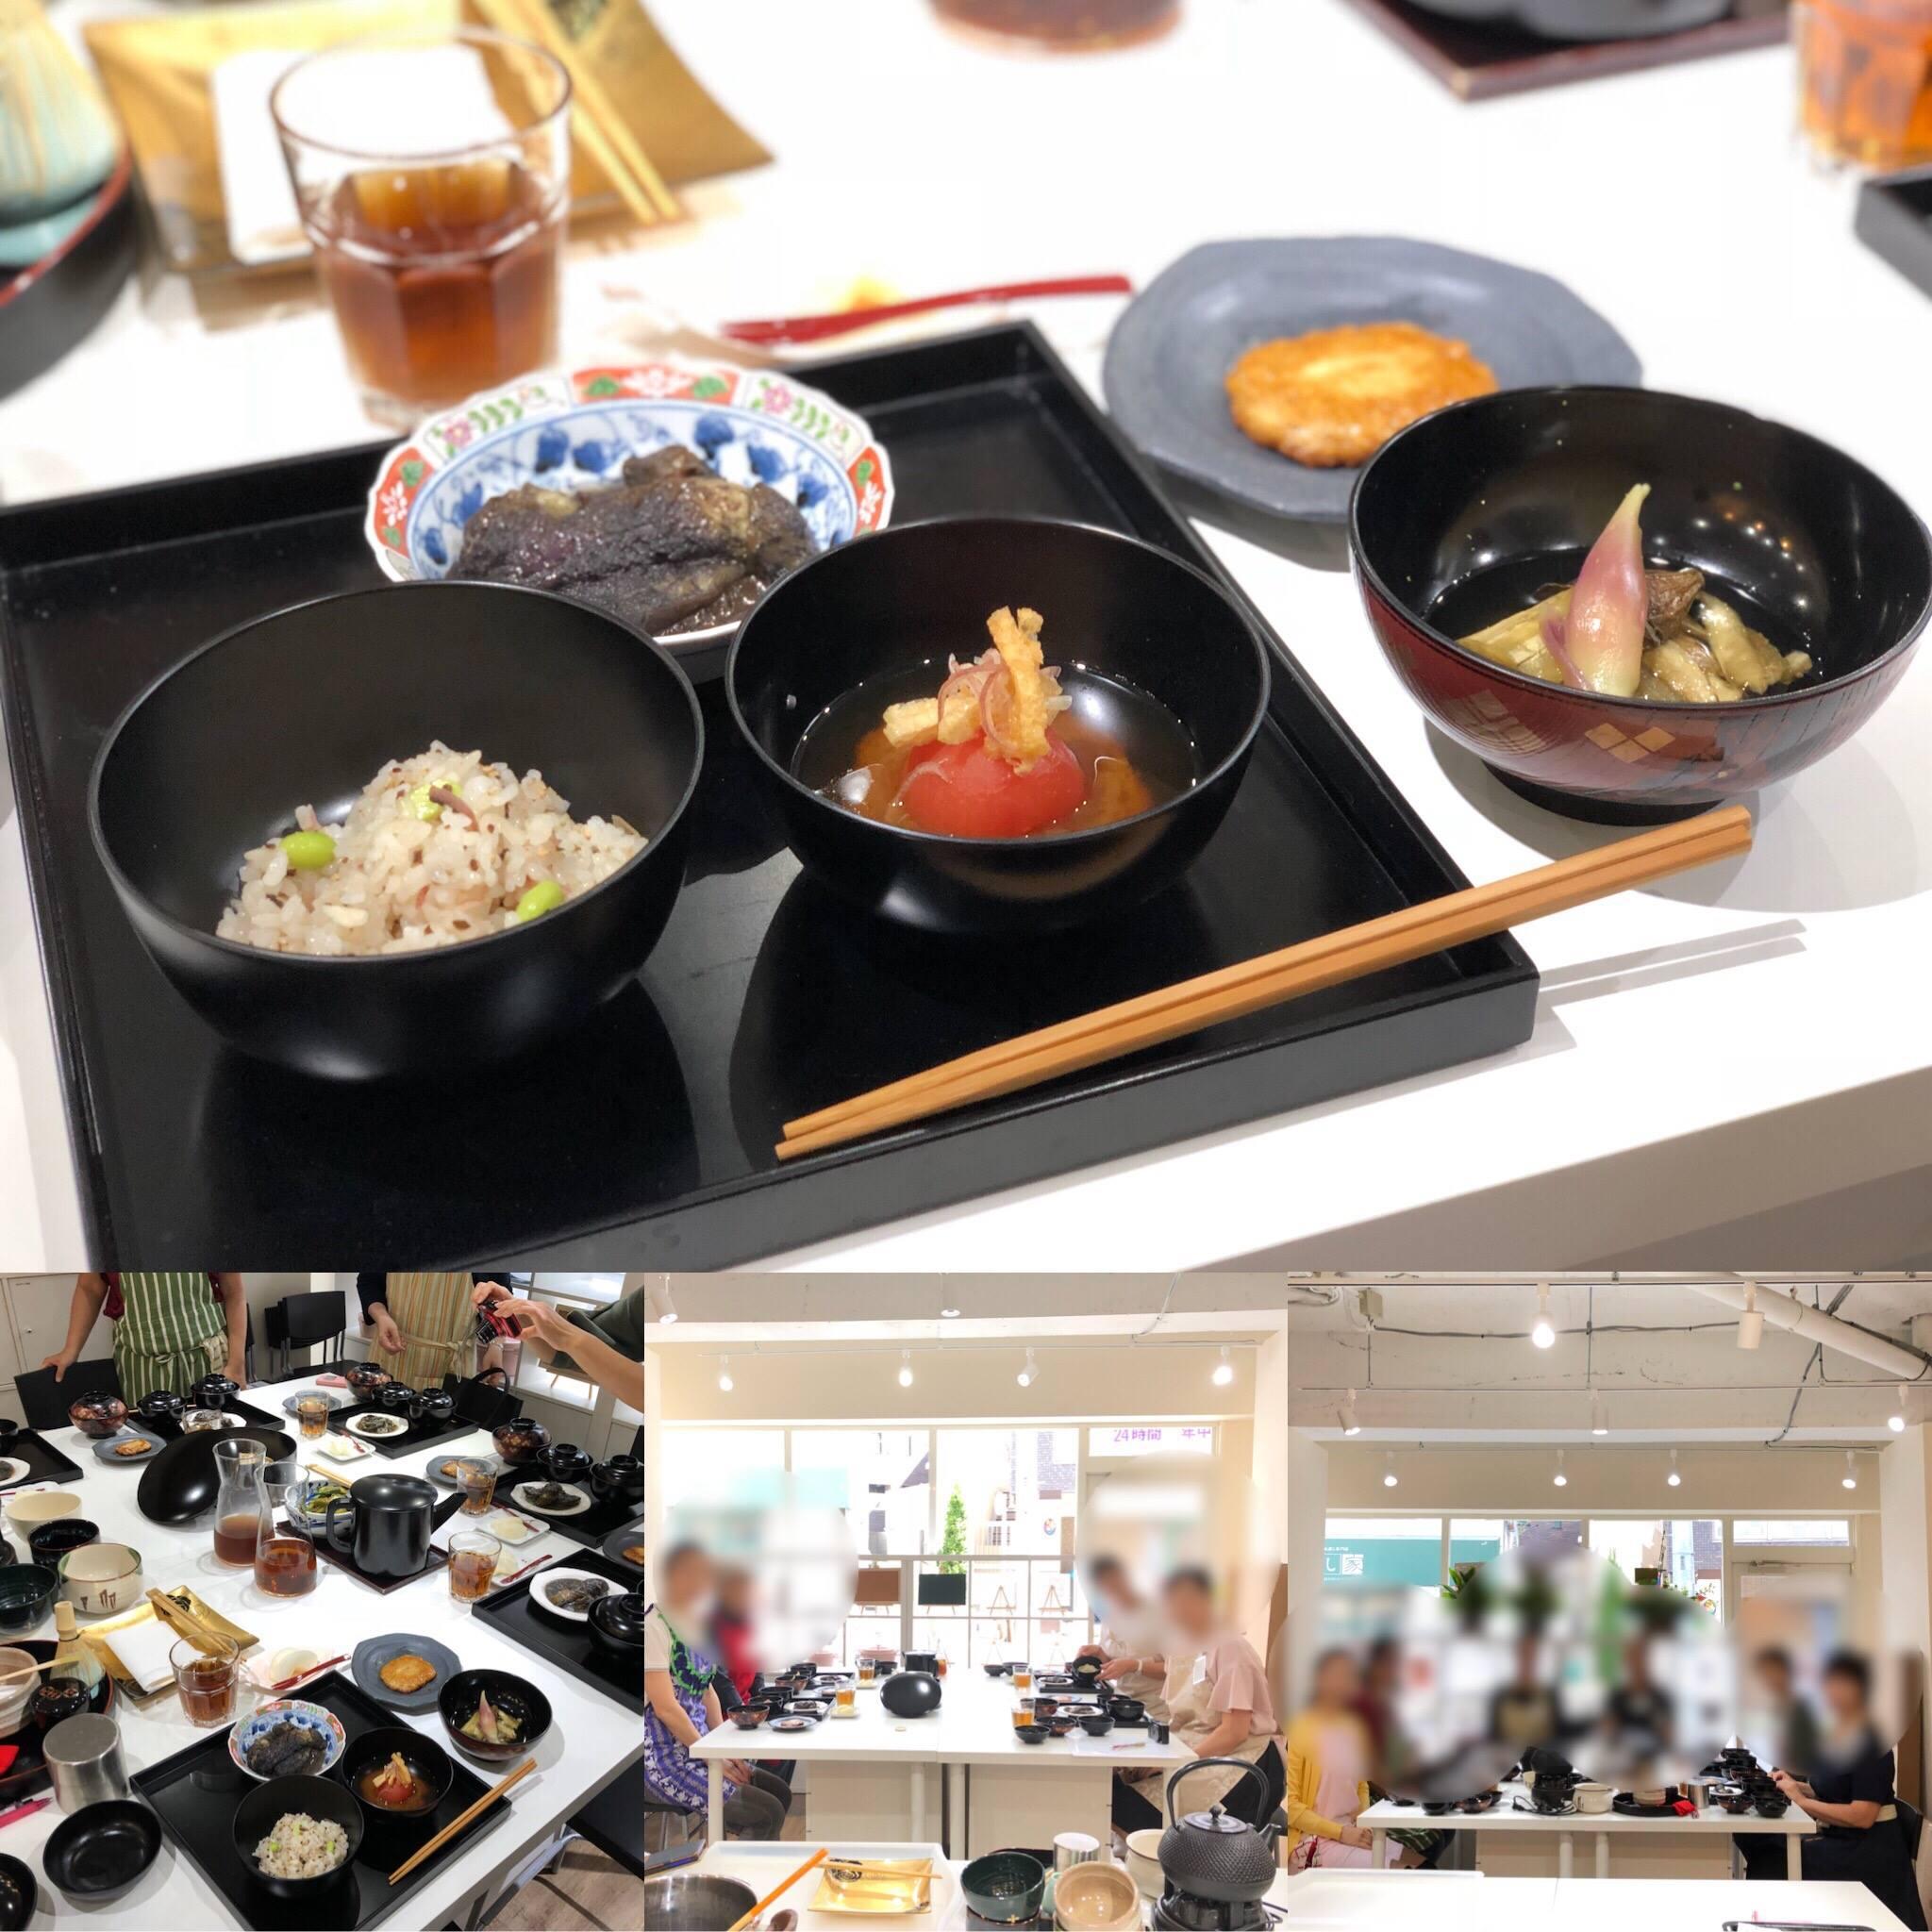 (和ごはん研究会)-活動報告-2018年8月茶懐石精進料理教室を開催しました!